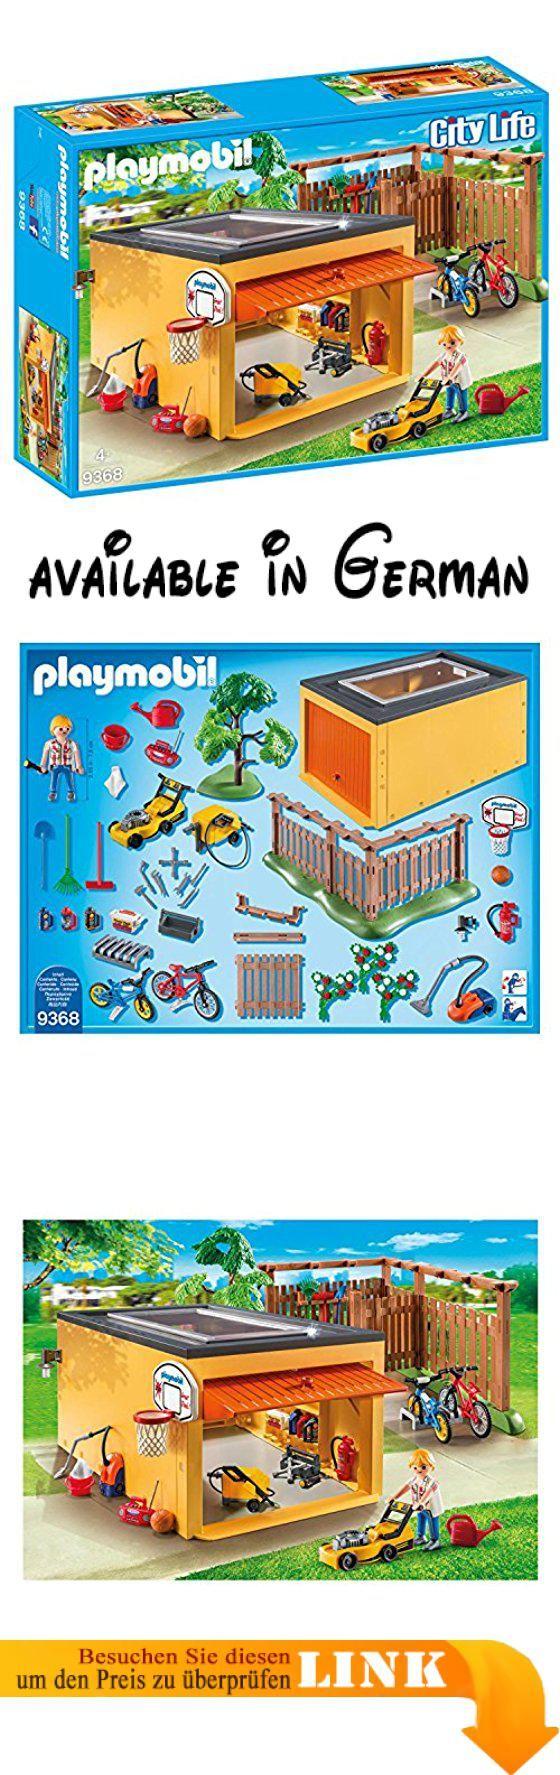 PLAYMOBIL 9368 Garage mit Fahrradstellplatz, Exklusivset. Matchcod: 43725262 #Toy #TOYS_AND_GAMES